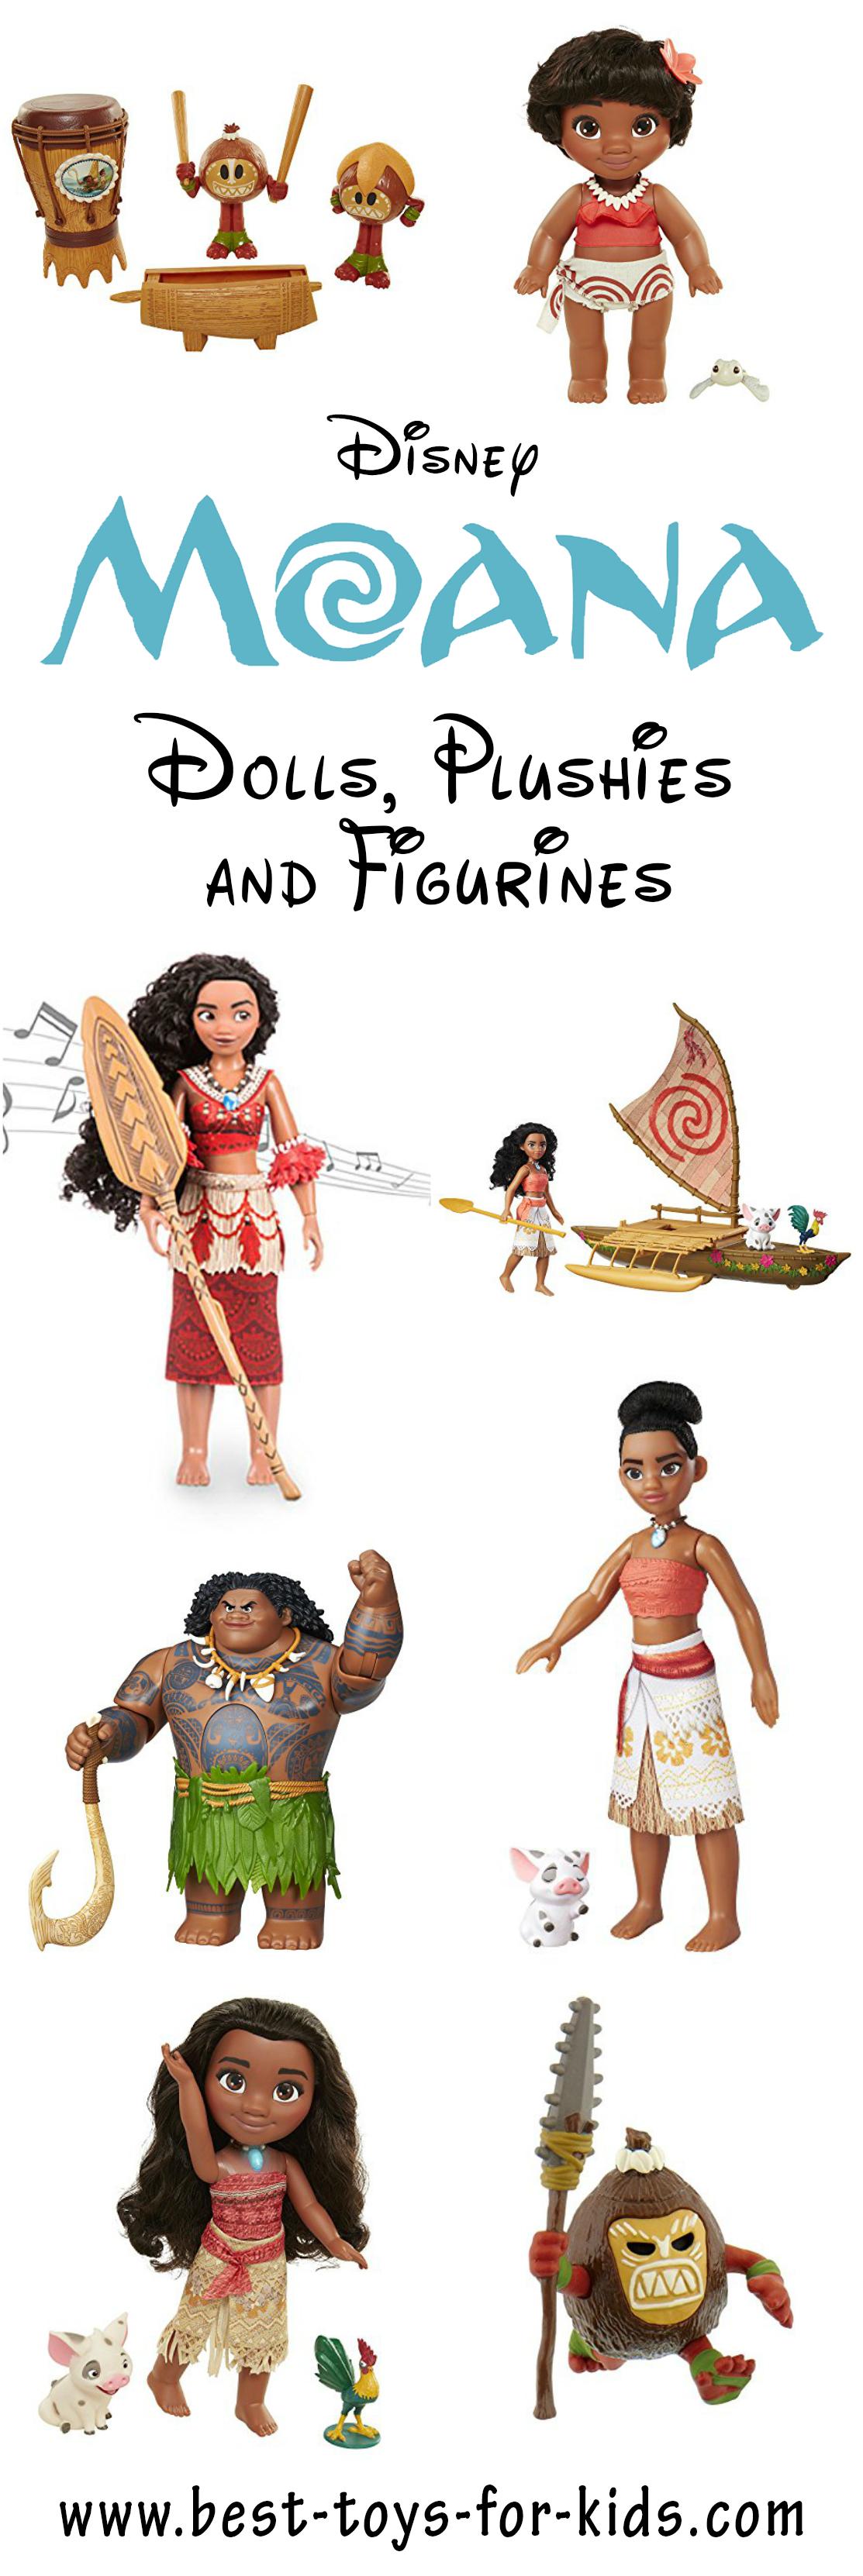 disney-moana-dolls